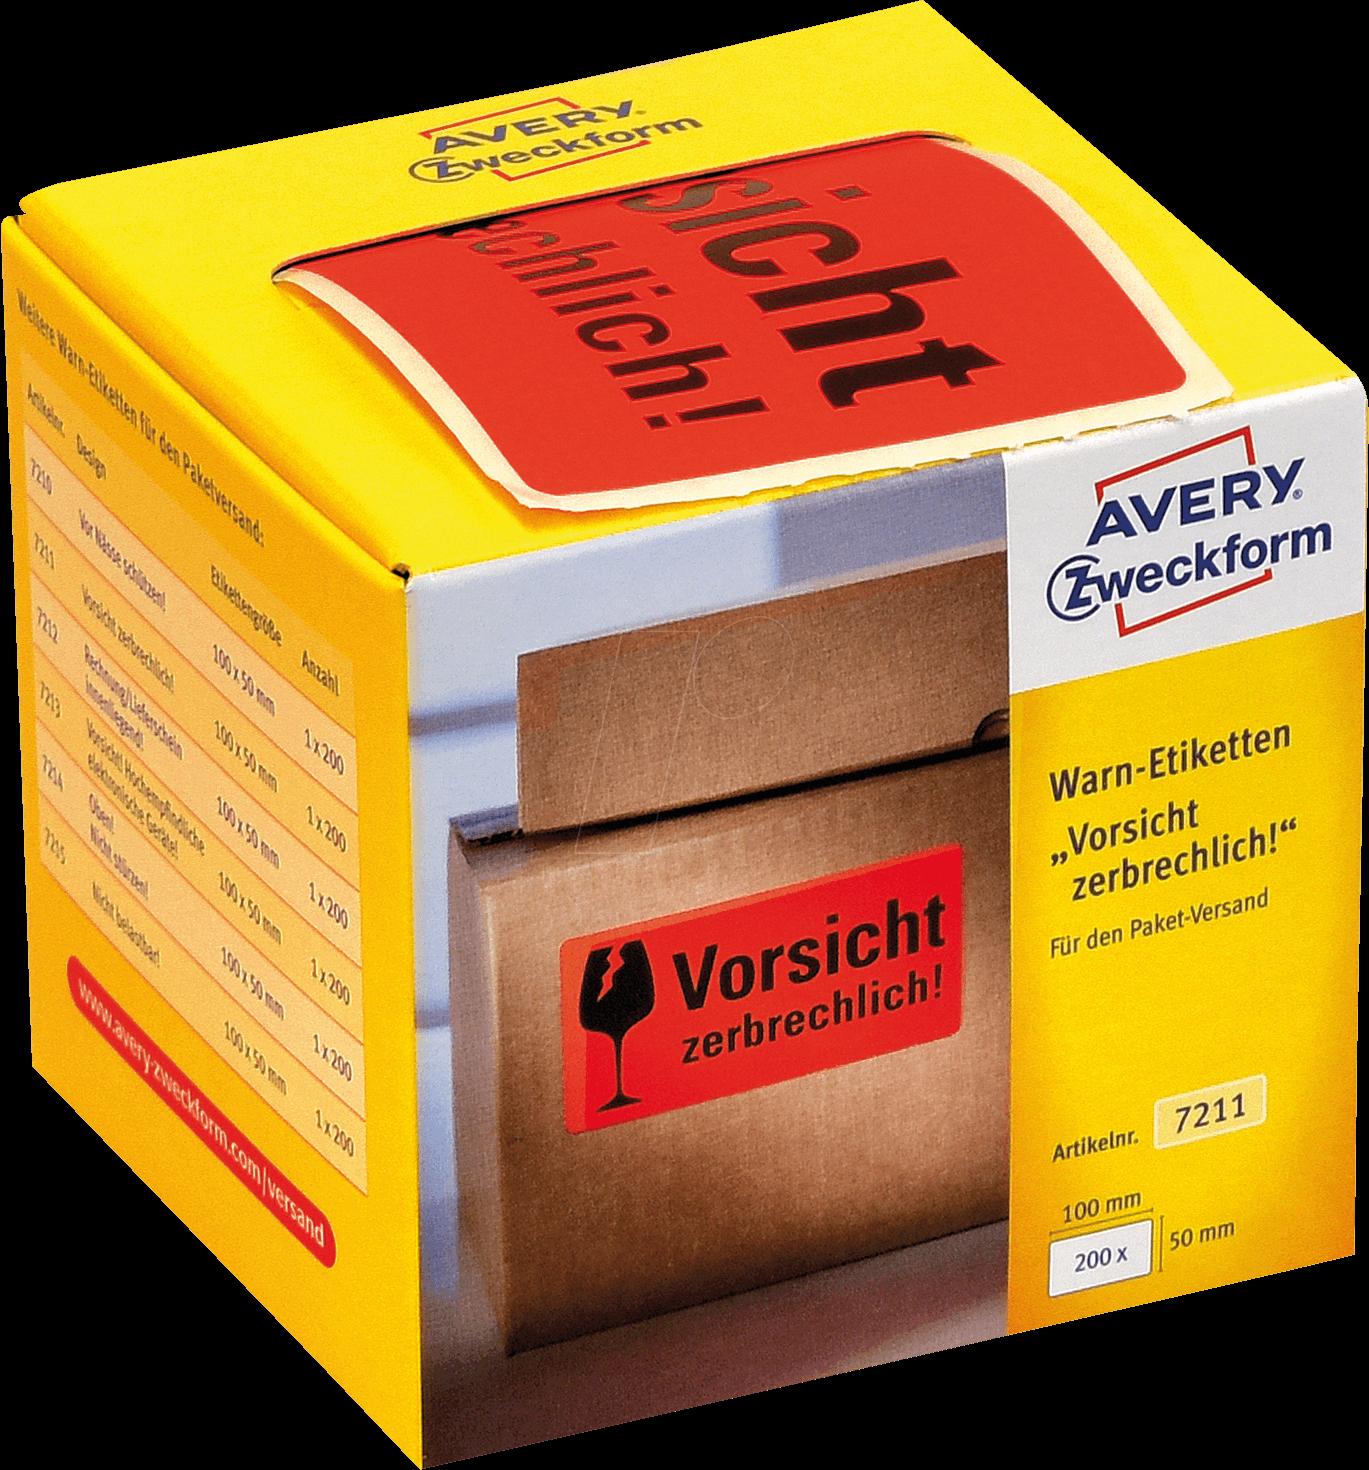 https://cdn-reichelt.de/bilder/web/xxl_ws/E460/AVZ_7211_01.png